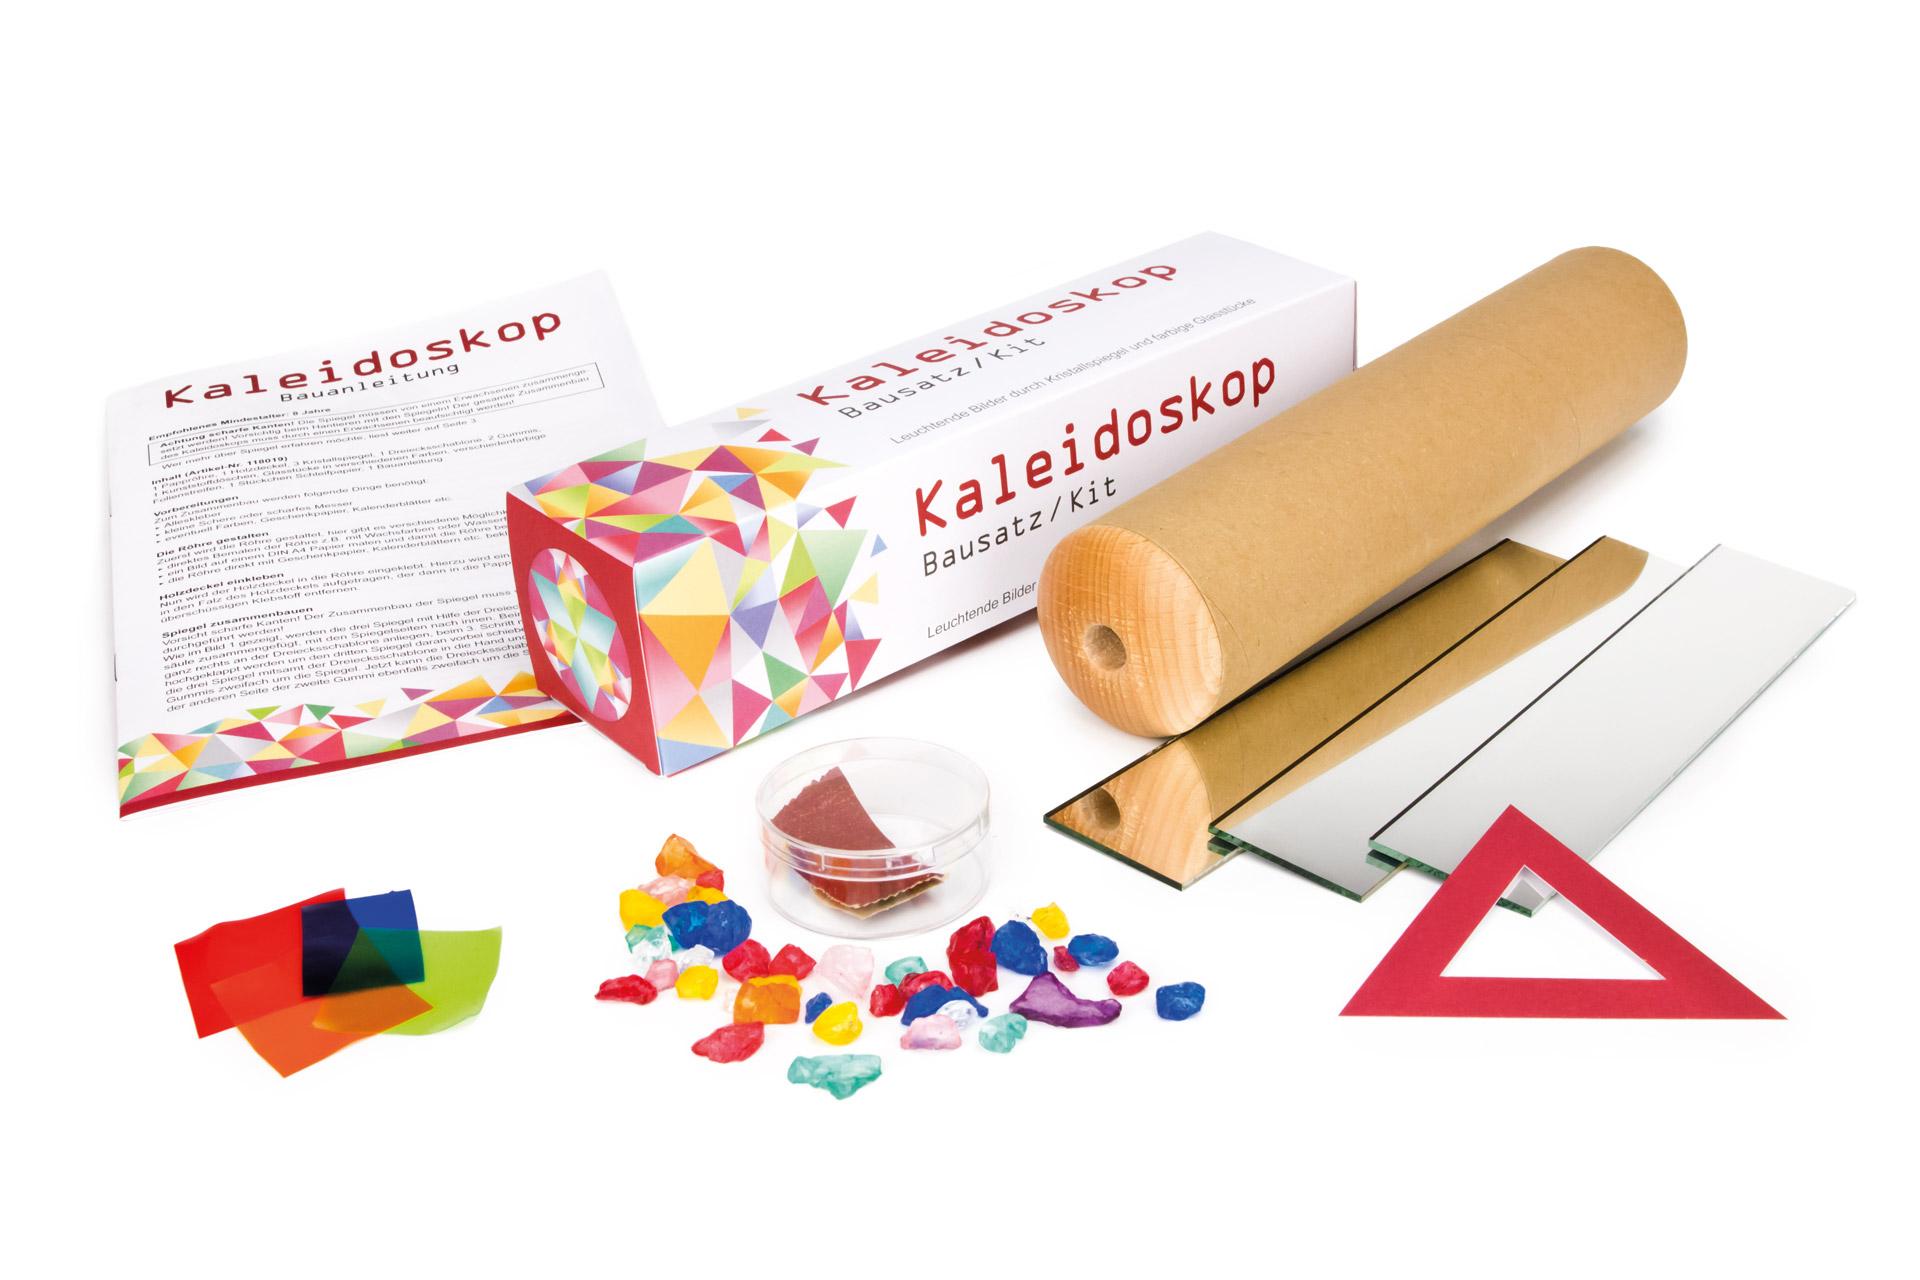 SpielezumBasteln-Spielbausatz-Kaleidsoskop-Einzelteile-ksg